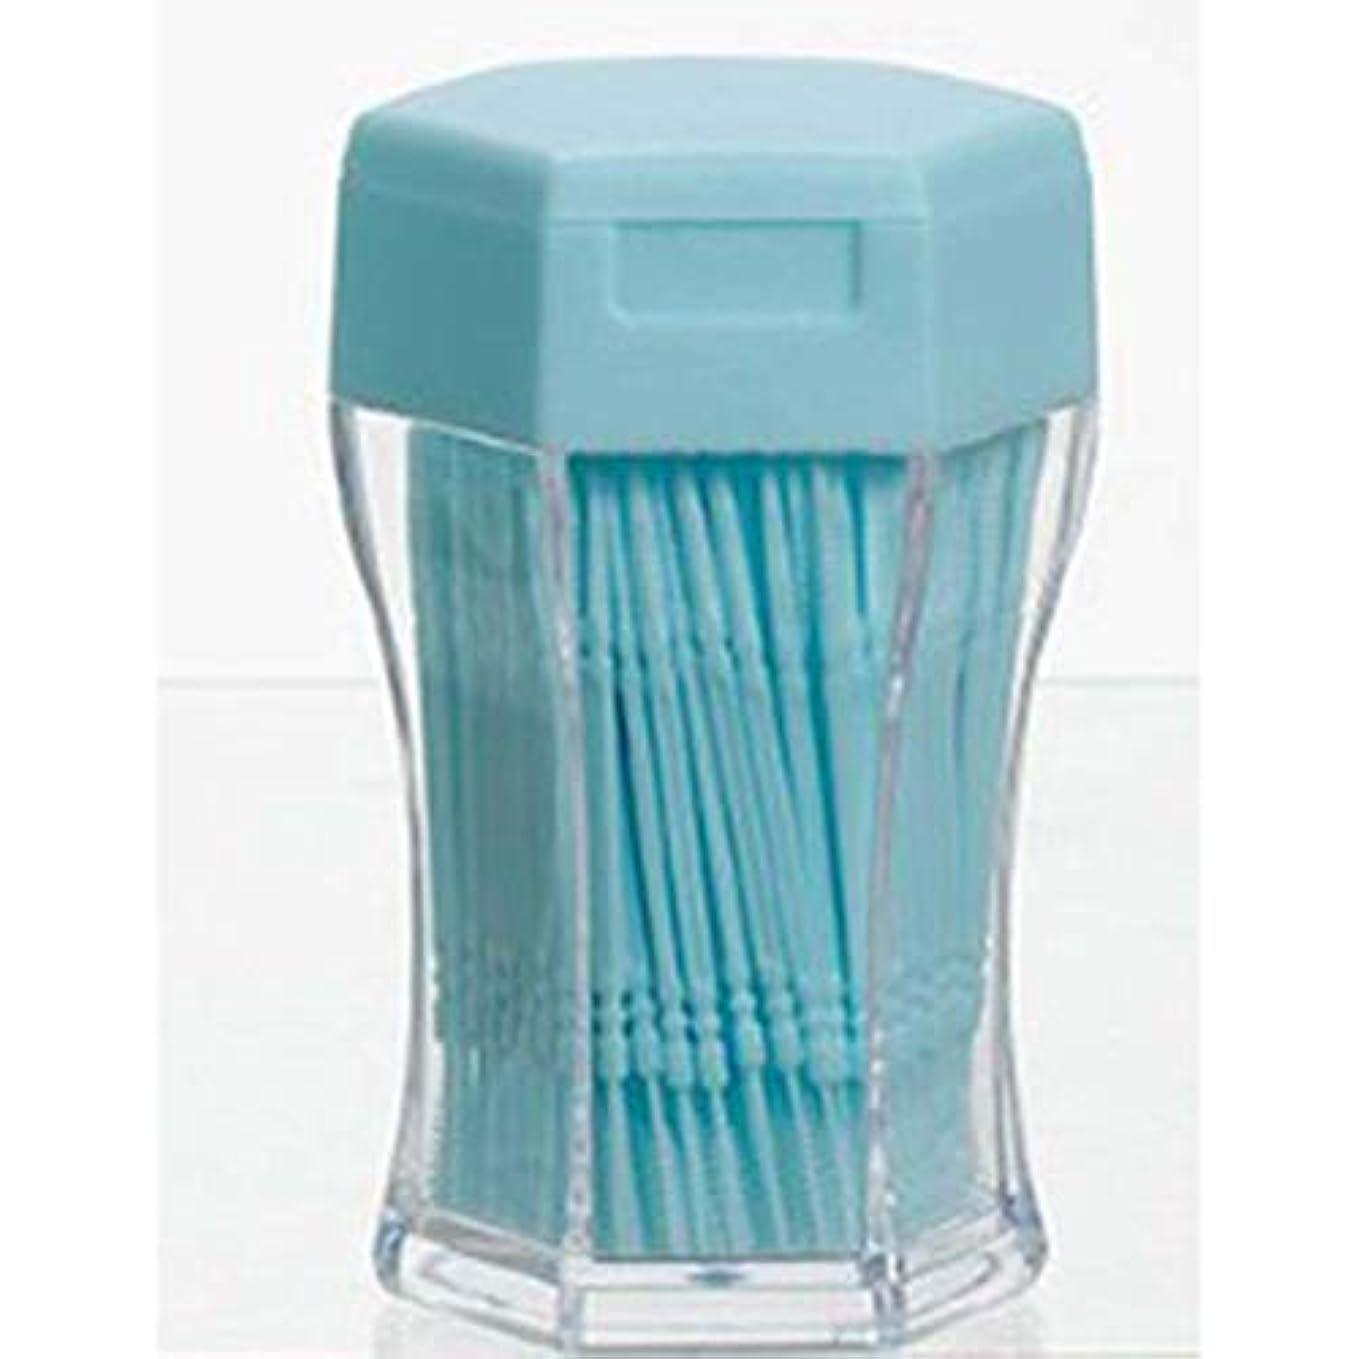 恥ずかしい体操選手指200ピース/セットダブルヘッド歯フロス衛生デンタルフロスプラスチック歯間つまようじ健康用歯のクリーニングオーラルケア(Color:blue)